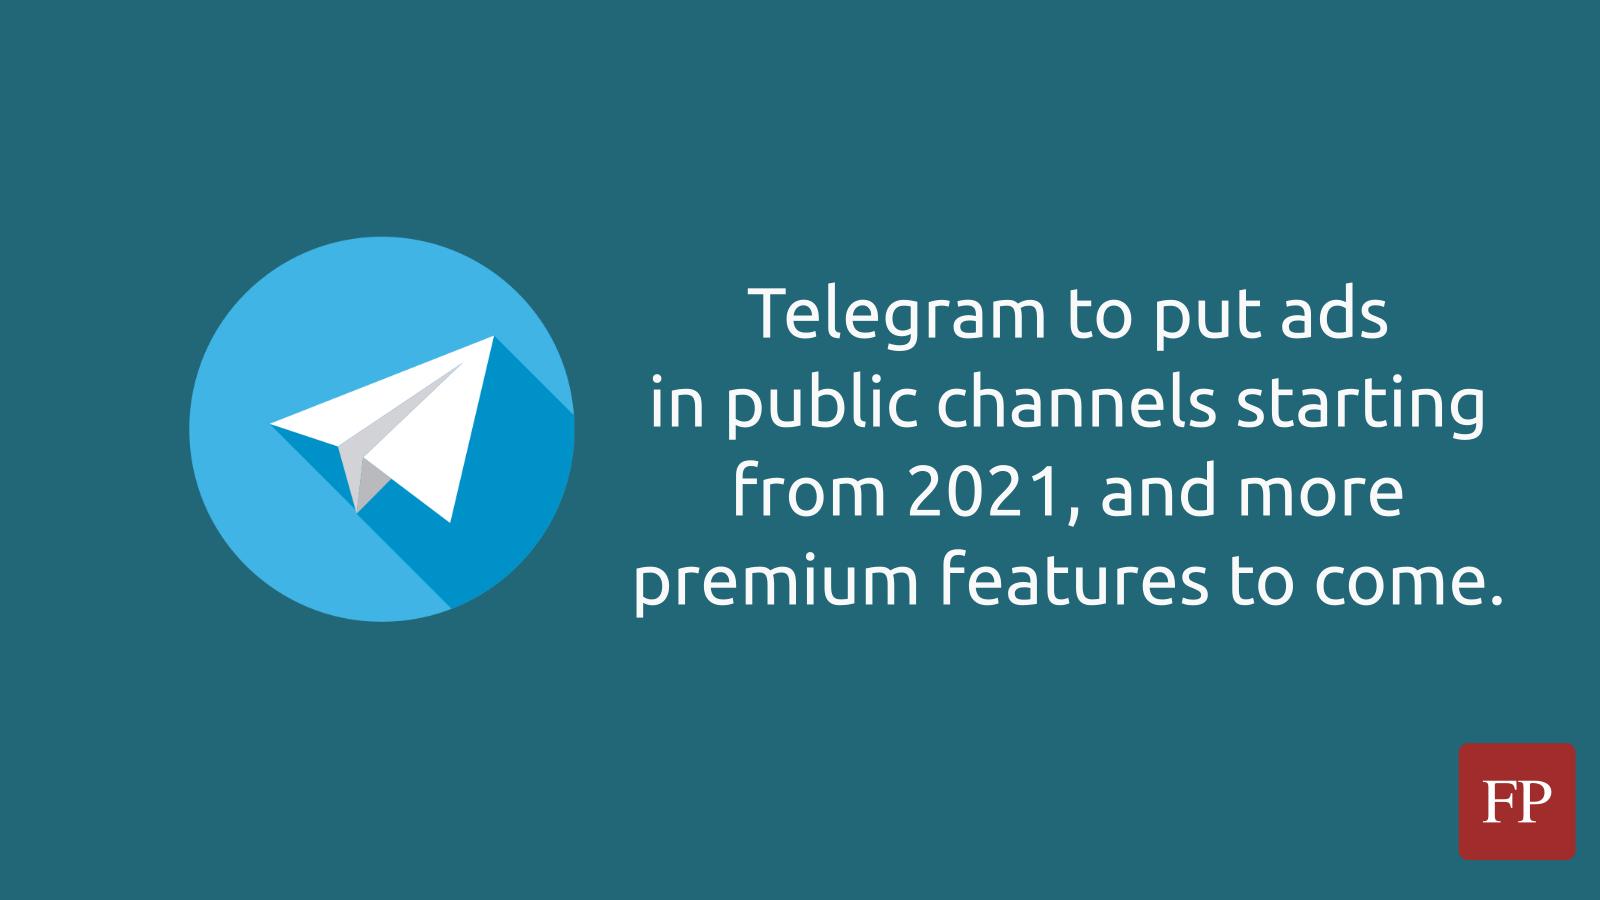 Telegram 139 December 23, 2020